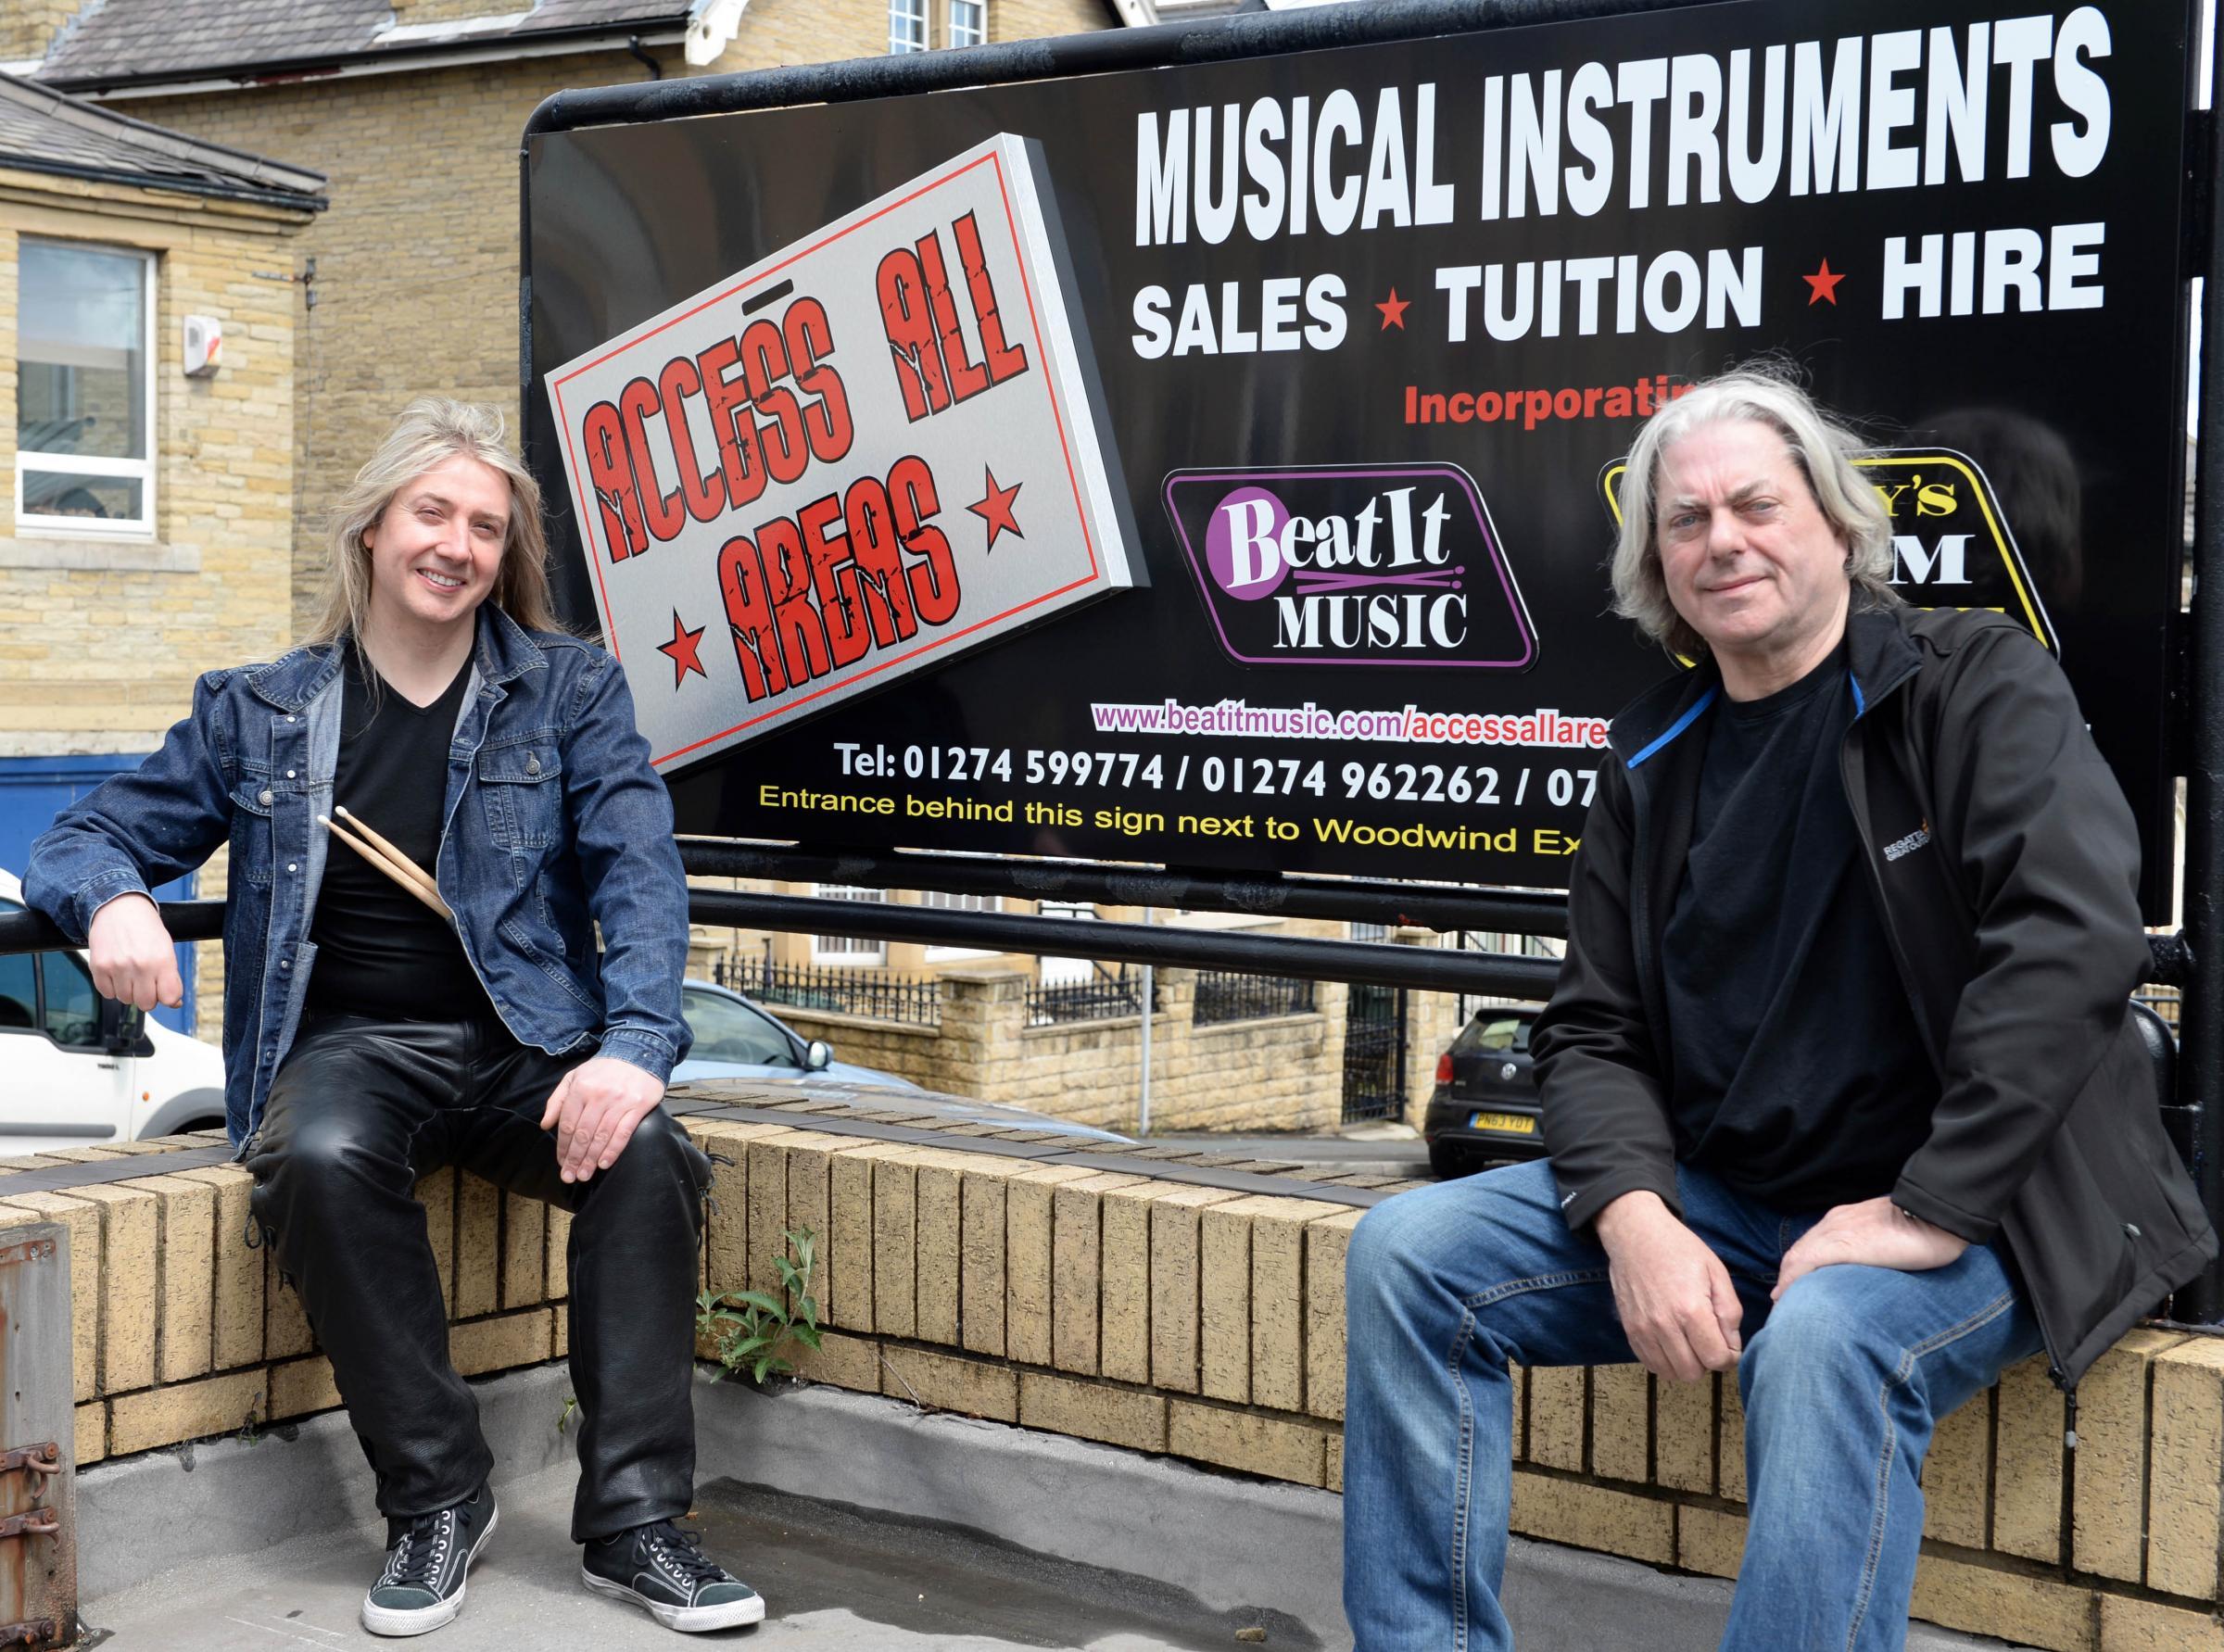 Rolling Stones roadie opens music shop in Bradford